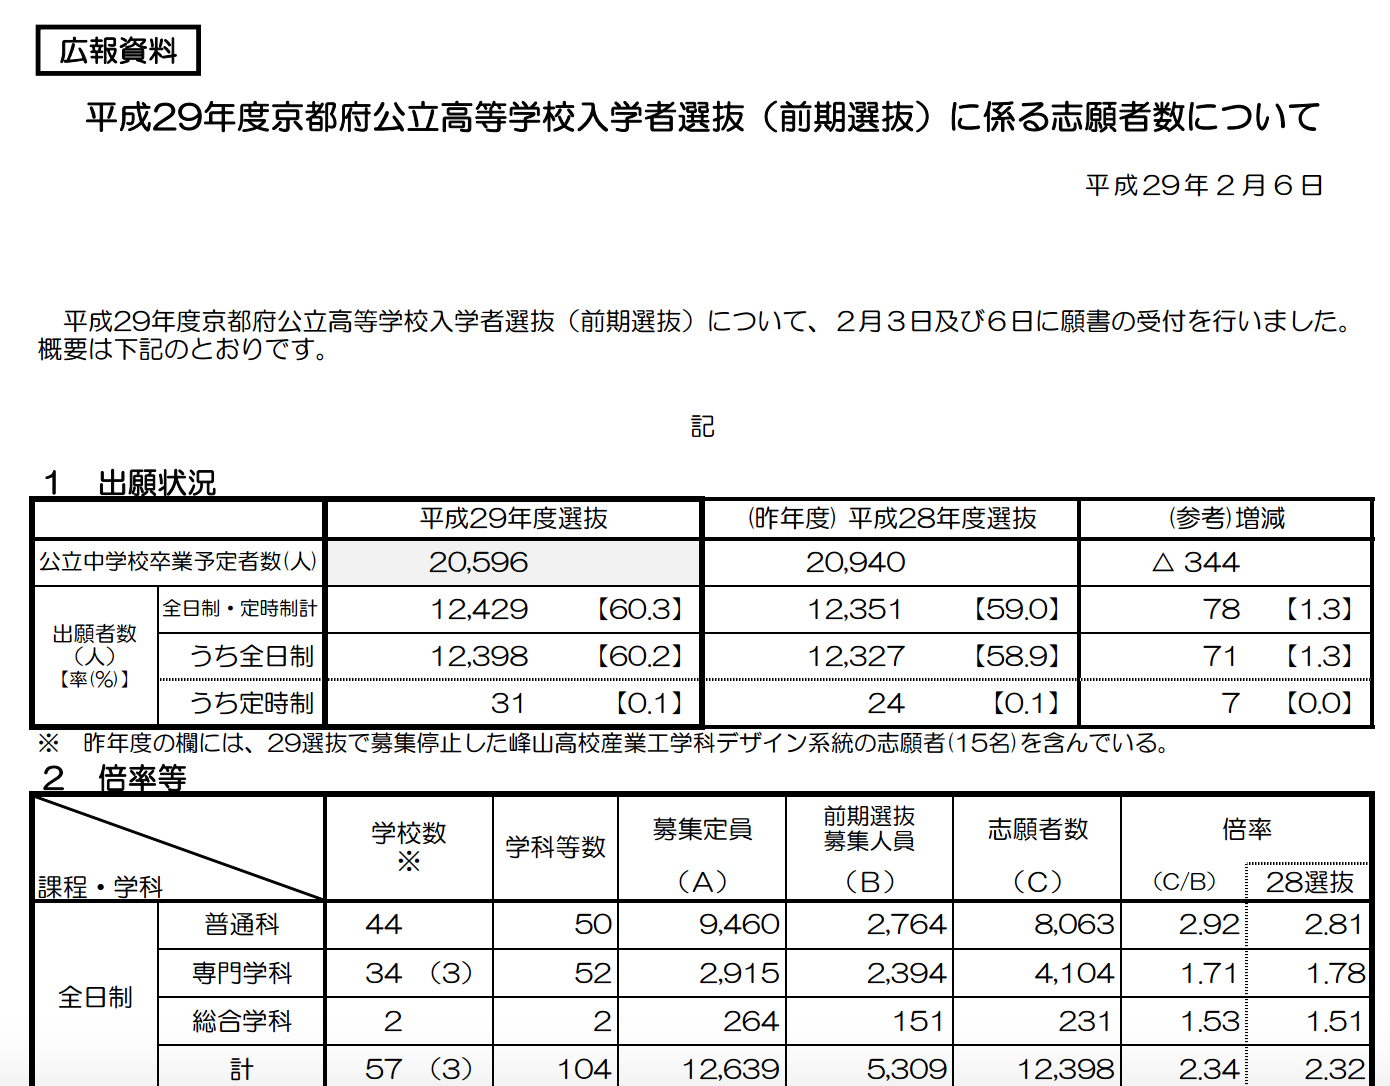 2017年の京都府の公立高校、前期選抜の倍率について!京都府の確定した倍率から、前期試験を考えます。4.00を超えた普通科では、合格は狙わないのが吉かもしれません。